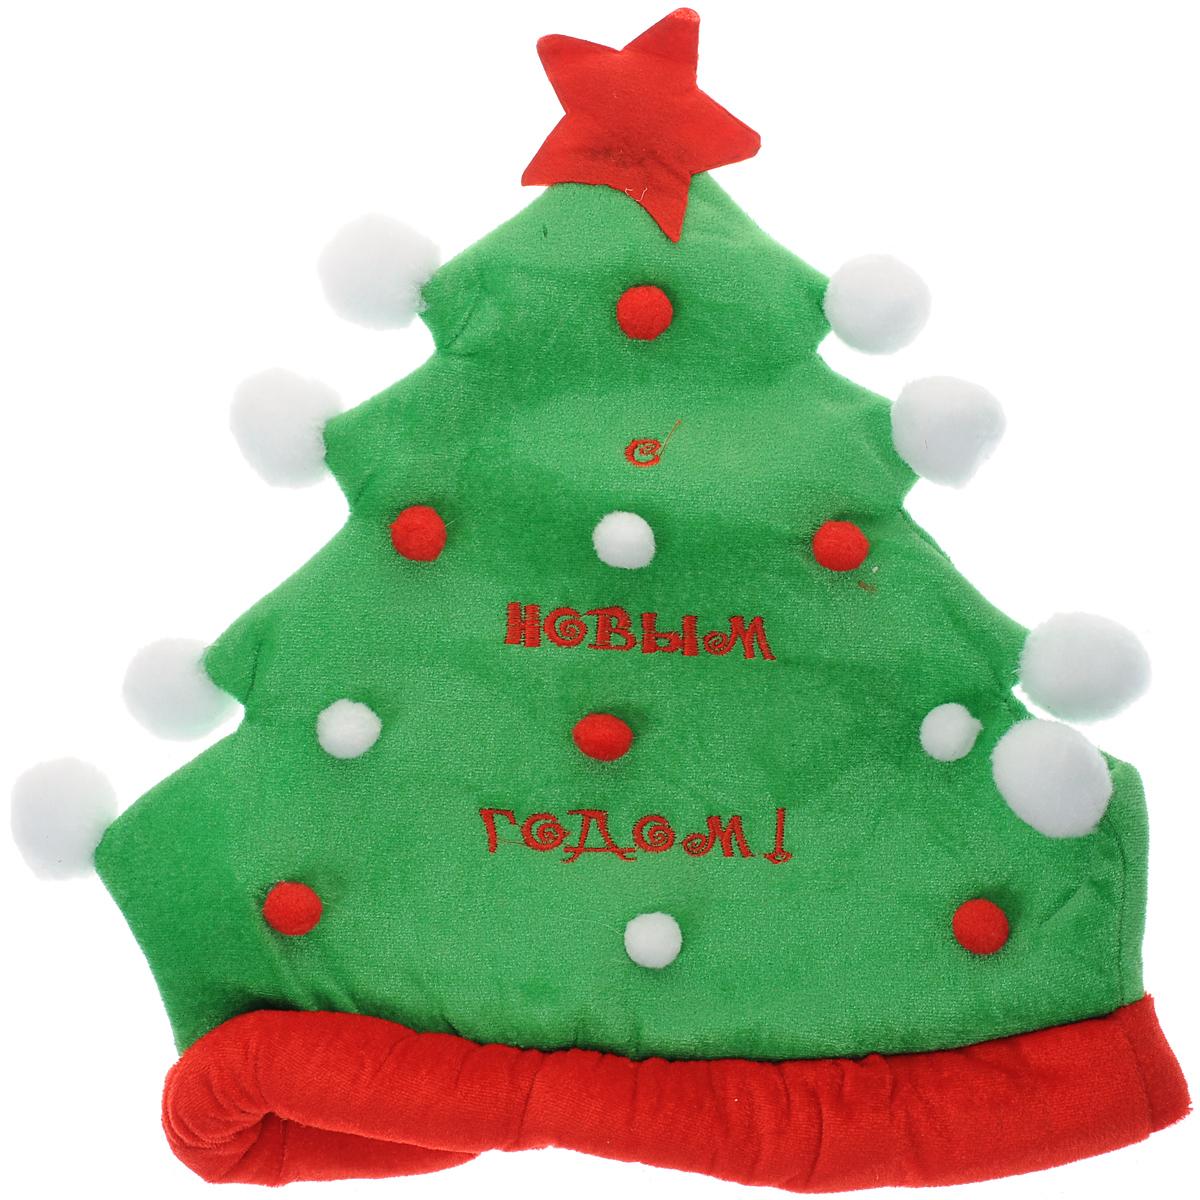 Карнавальный костюм318691Карнавальная шляпа Sima-land Елочка выполнена из текстиля в виде украшенной елочки со звездой. Шляпа декорирована надписью С Новым годом!. Если у вас намечается веселая вечеринка или маскарад, то такая шляпа легко поможет создать праздничный наряд. Внесите нотку задора и веселья в ваш праздник. Веселое настроение и масса положительных эмоций вам будут обеспечены!